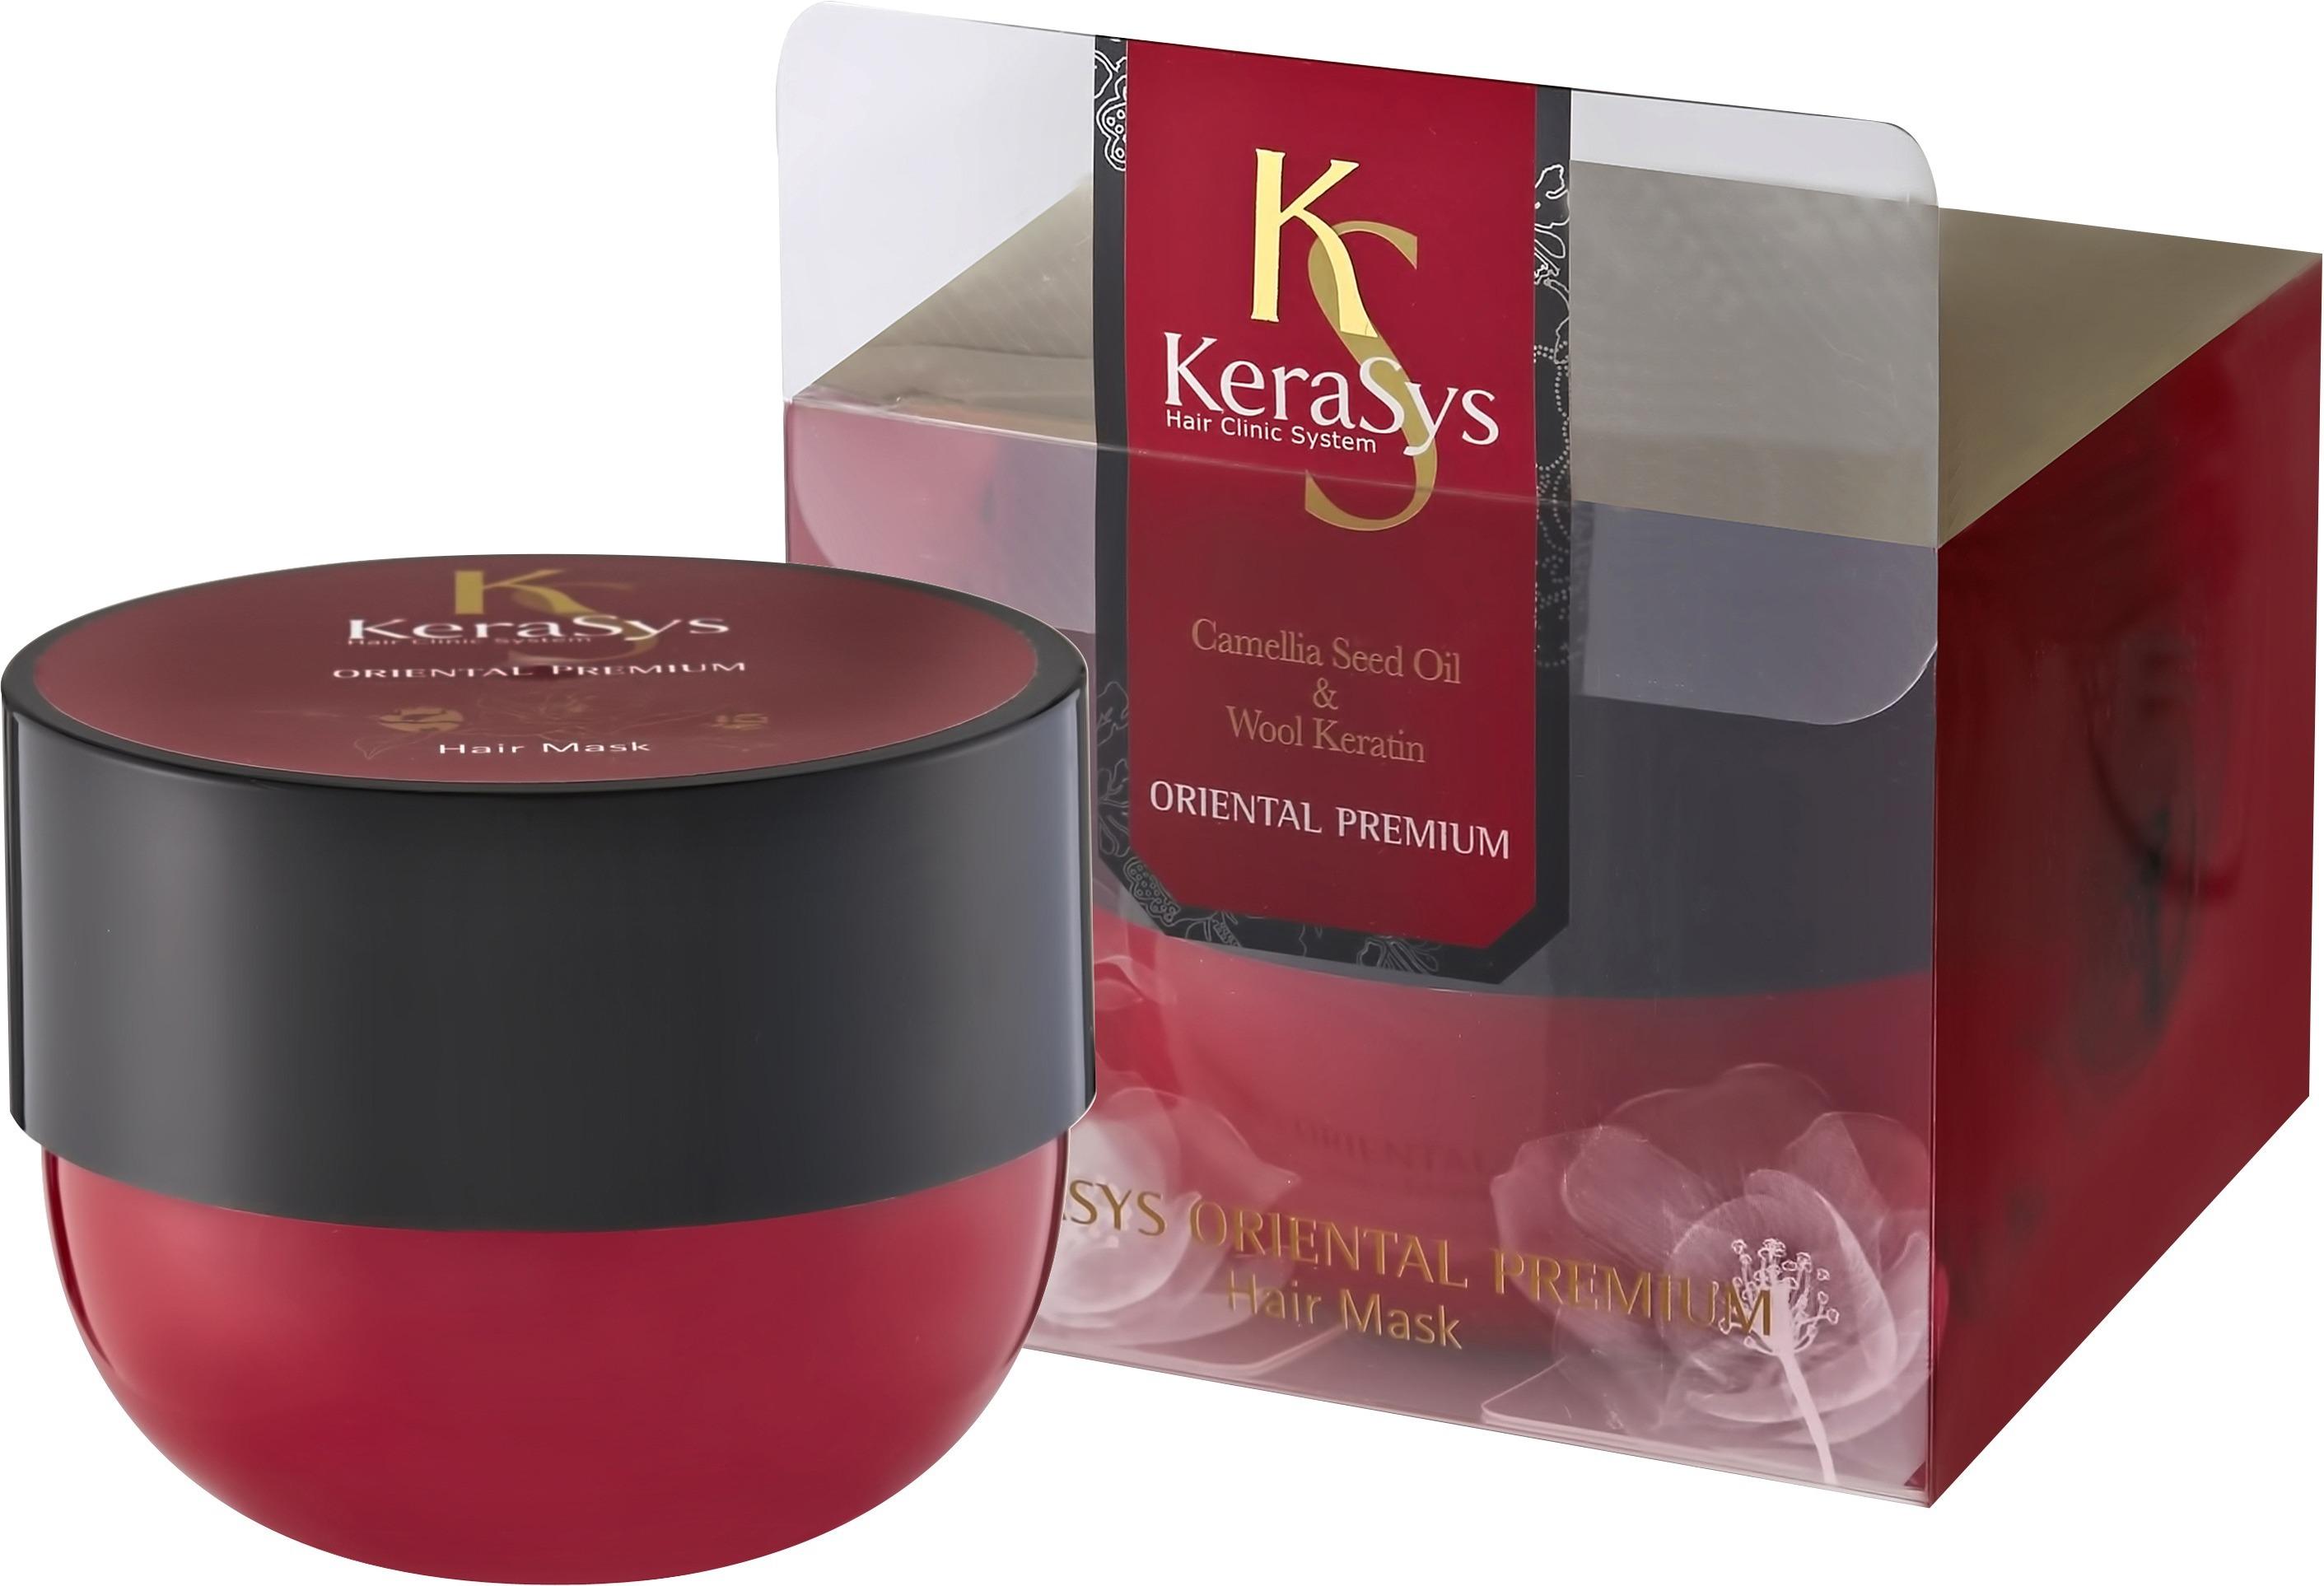 KeraSys Oriental Premium Hair MaskМаска для волос от бренда KeraSys – это интенсивное питание для ослабленных и поврежденных волос. Косметический продукт способен вернуть безжизненным, постоянно путающимся волосам силу и здоровье, не утяжеляя их.<br><br>Средство для волос в своем составе содержит:<br>природные кератины;<br>гиалуроновую кислоту в низкомолекулрной фазе;<br>масло, полученное из семян камелии;<br>вытяжки хризантемы, граната, орхидеи, женьшеня, ангелики, жгун-корня.<br><br>Кератин проникает в поры волос и делает их гладкими и плотными. Гиалуроновая кислота восполняет запасы влаги, даря локонам мягкость и шелковистость. Масло камелии повышает эластичность и усиливает блеск, питает корни волос и обеспечивает защиту от действия внешних факторов. Экстракты восточных трав бережно ухаживают за кожей головы, устраняют сухость и зуд.<br><br>Маска обладает тающей кремообразной текстурой. Она отлично распределяется по волосам и впитывается ими. Также хорошо смывается. После использования шевелюра источает восхитительный цветочный аромат.<br><br>Средство содержится в большой привлекательной баночке бардового цвета с черной плотно закручивающейся крышечкой. Маску удобно набирать и наносить.Объём: 300 млСпособ применения:Маска наносится на чистые влажные волосы на три минуты. Смывать средство необходимо теплой водой.<br>